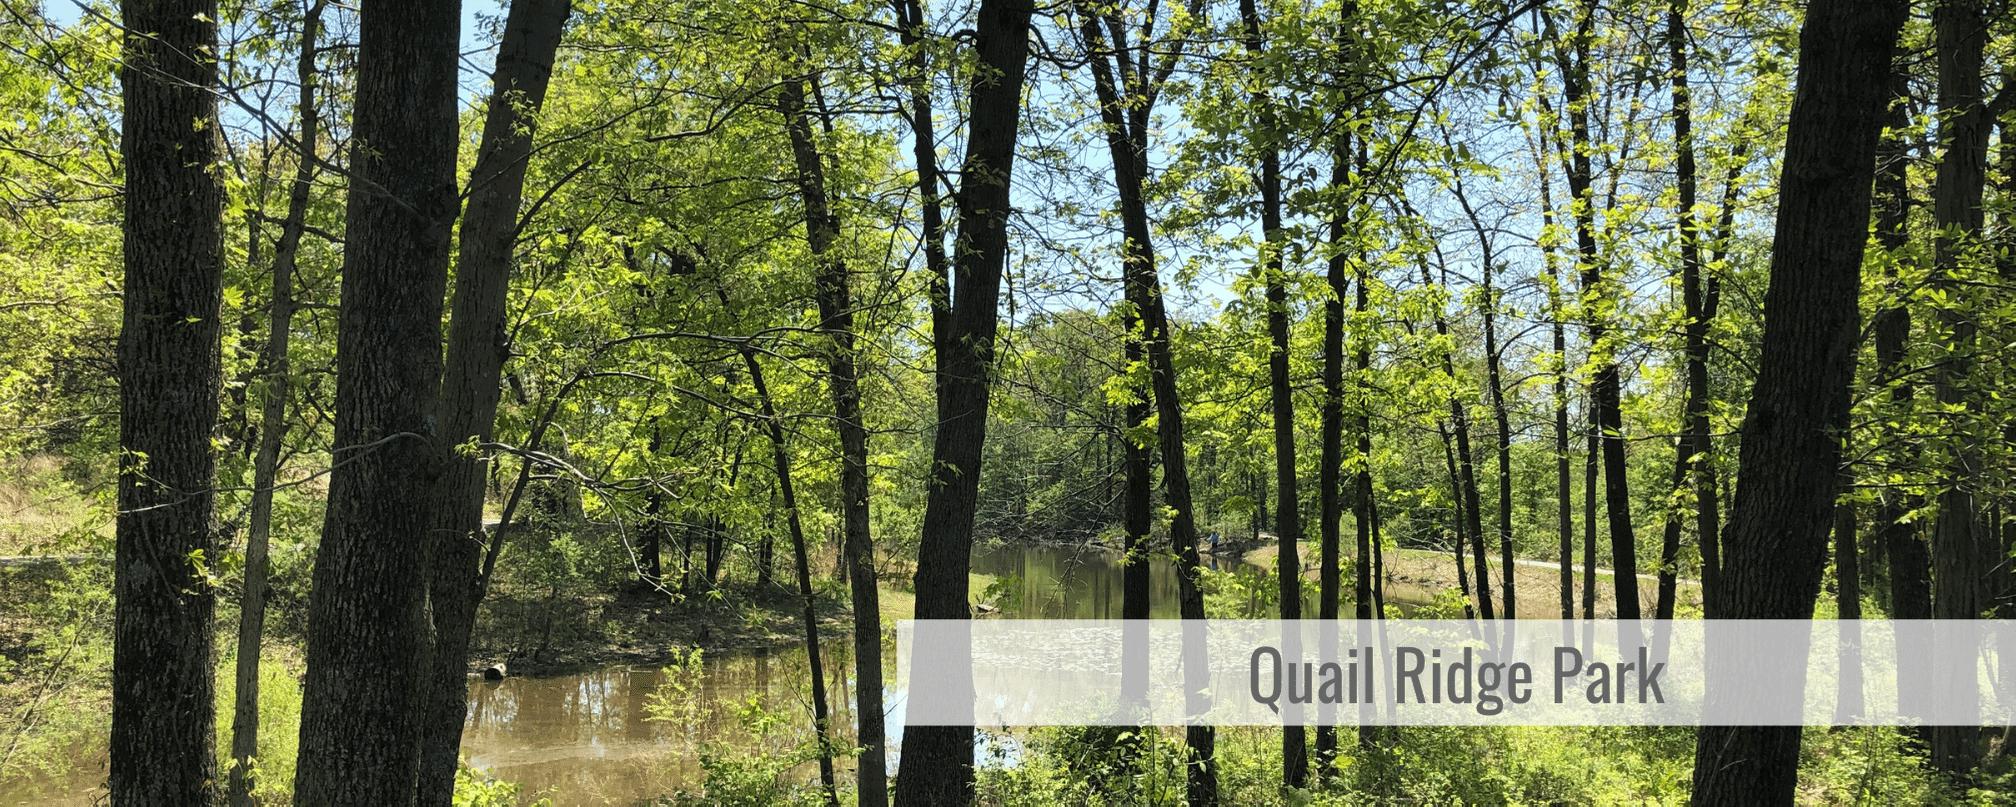 Quail Ridge Park Wentzville